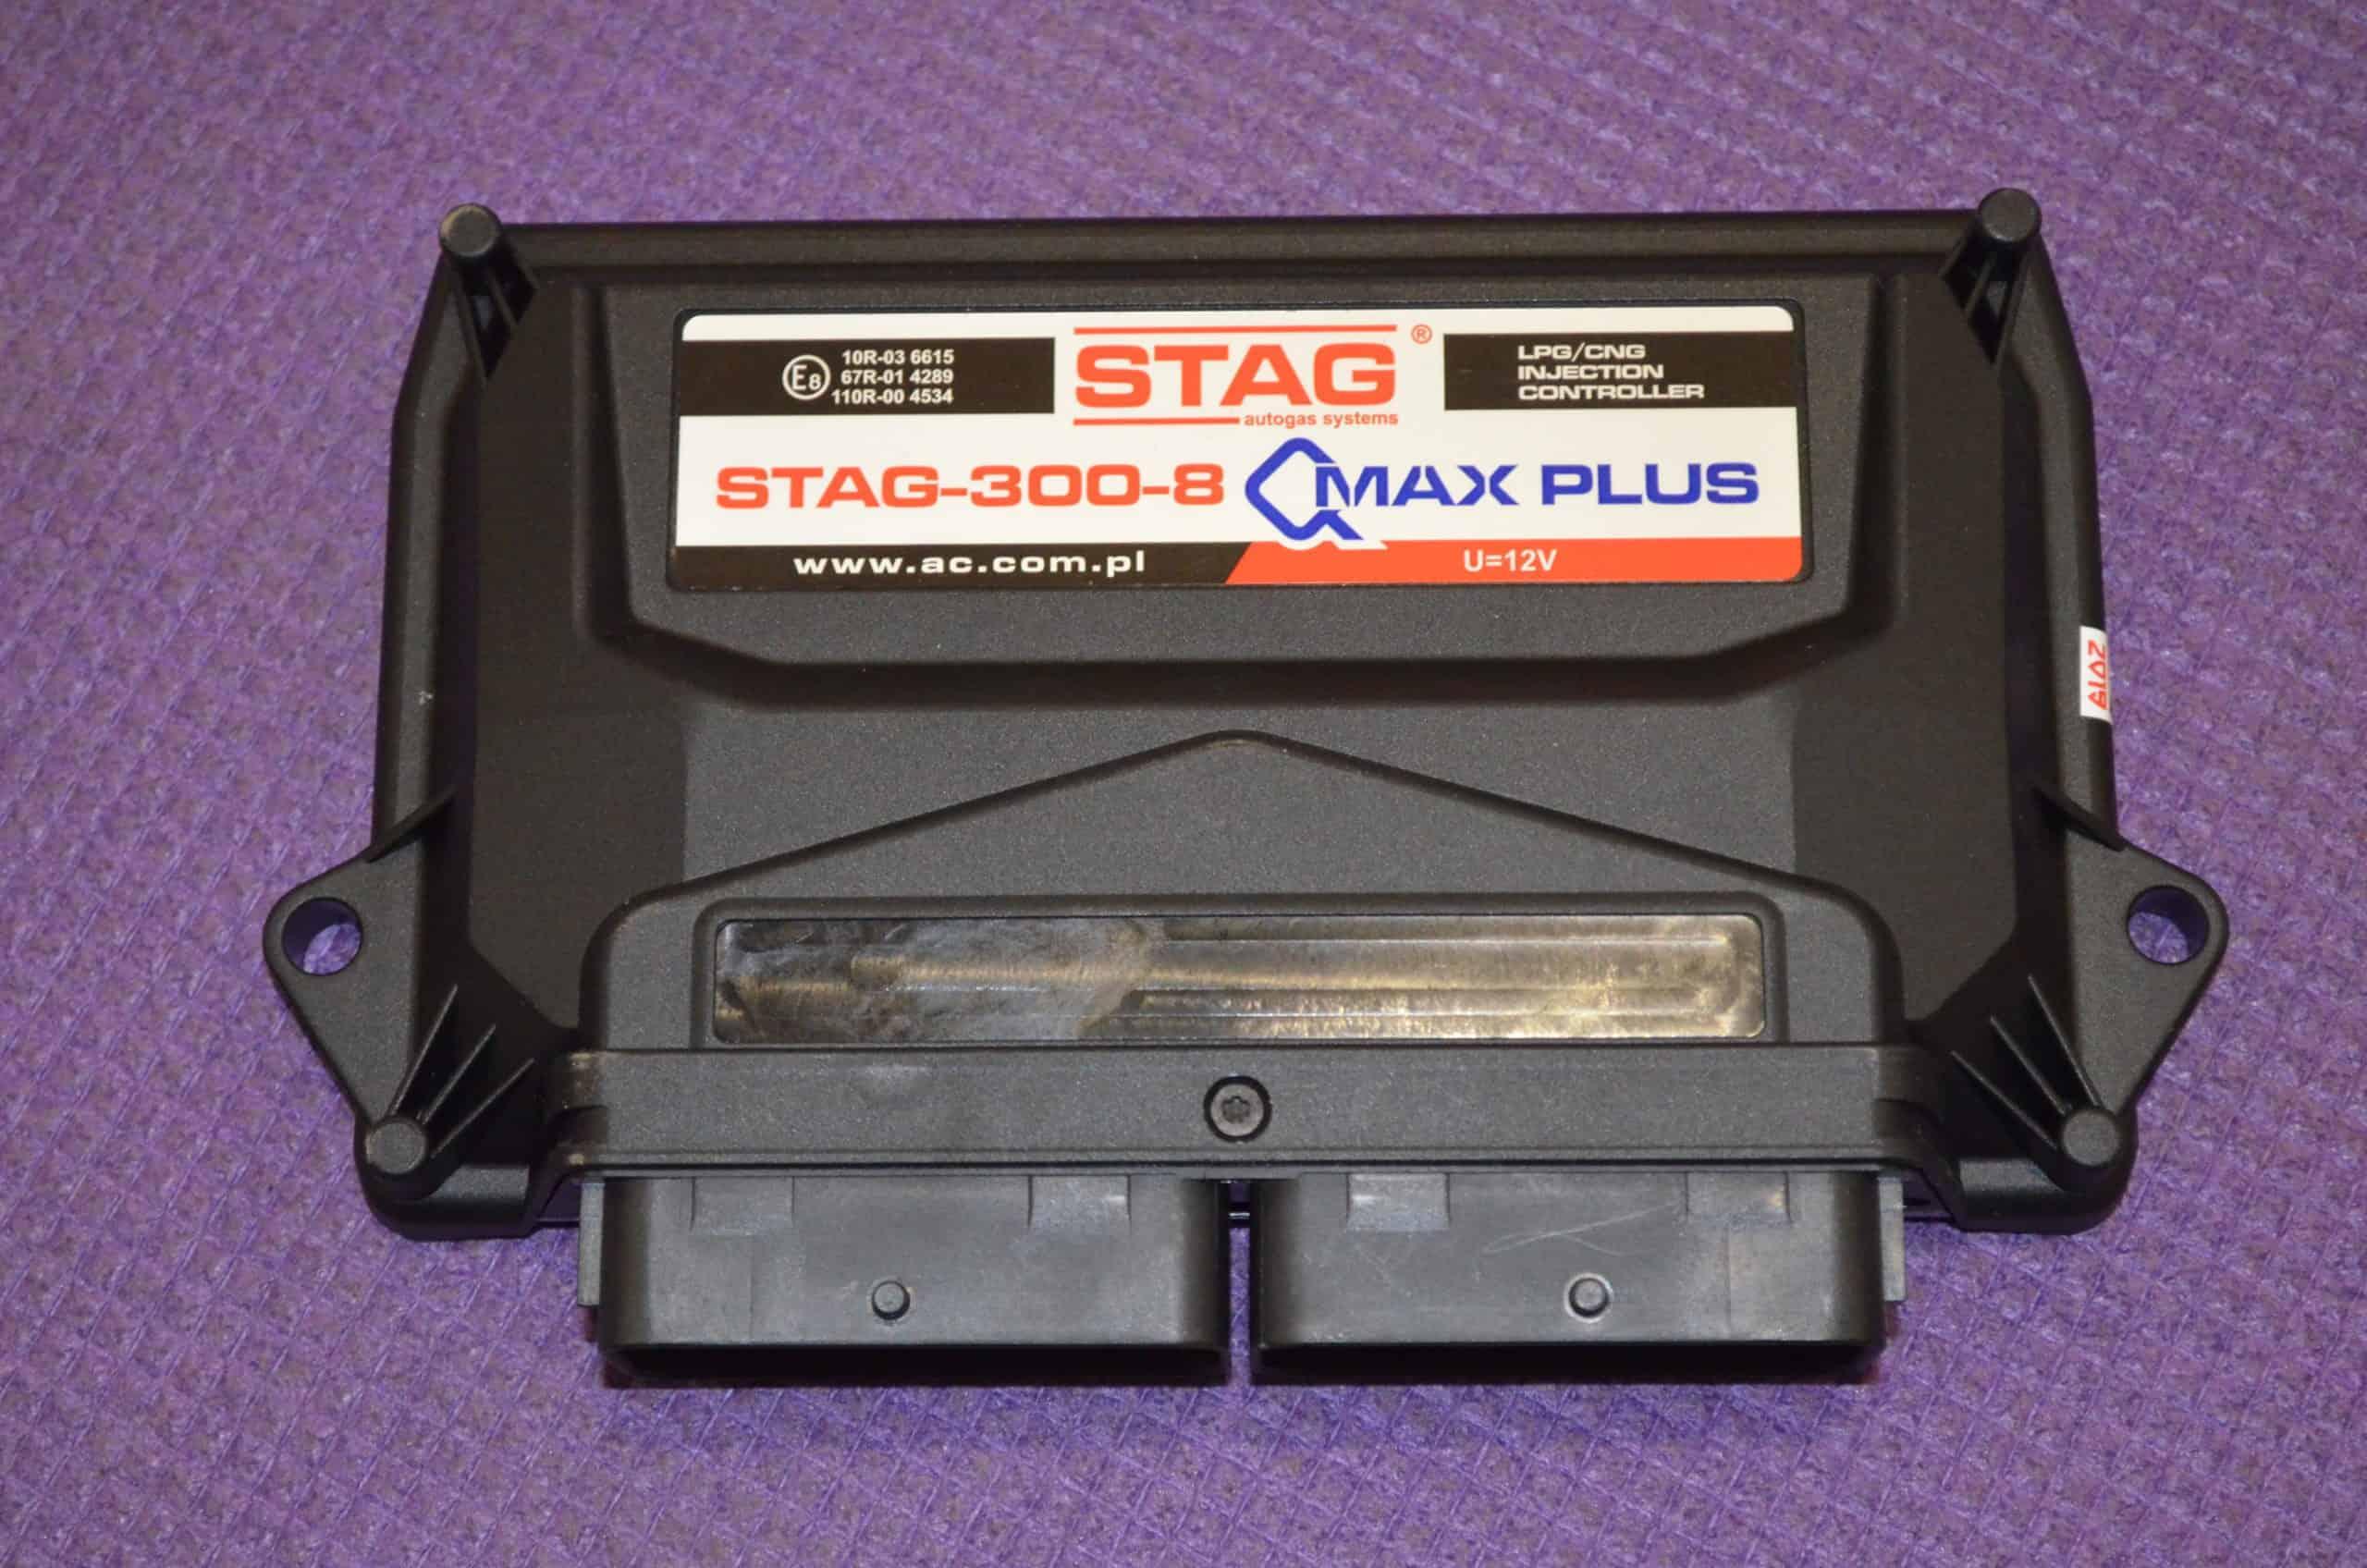 Електронний блок управління STAG-300-8 Q- Max Plus на 8 цил